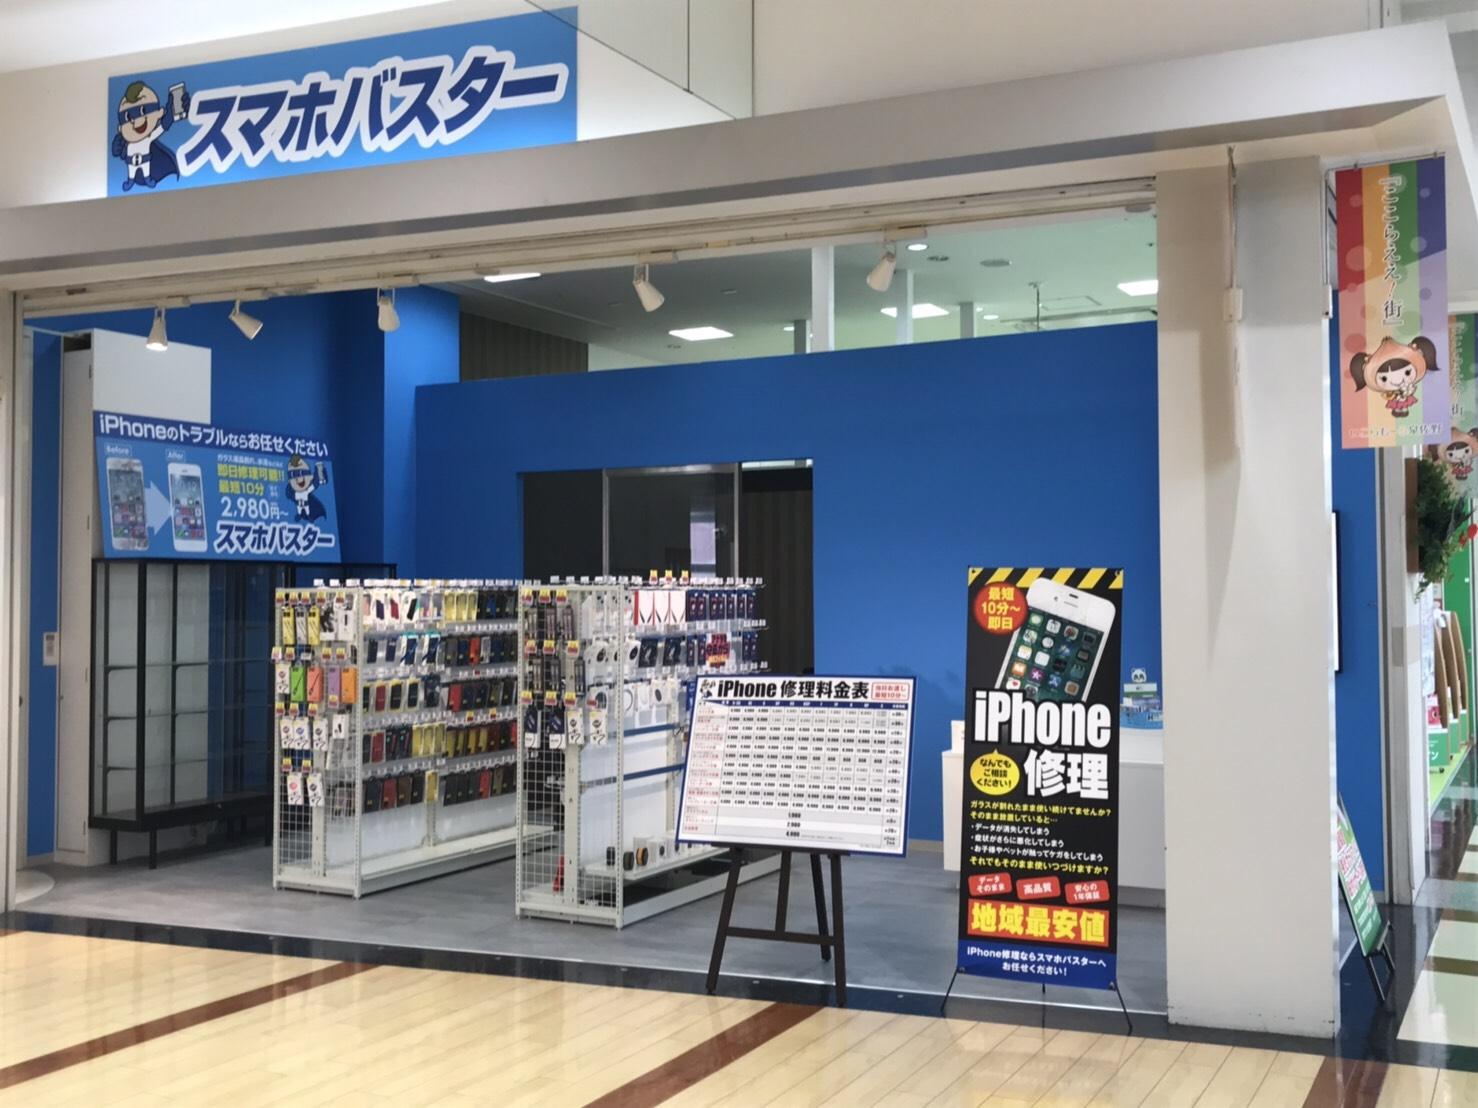 スマホバスター泉佐野店は泉佐野いこらも~る内にあります